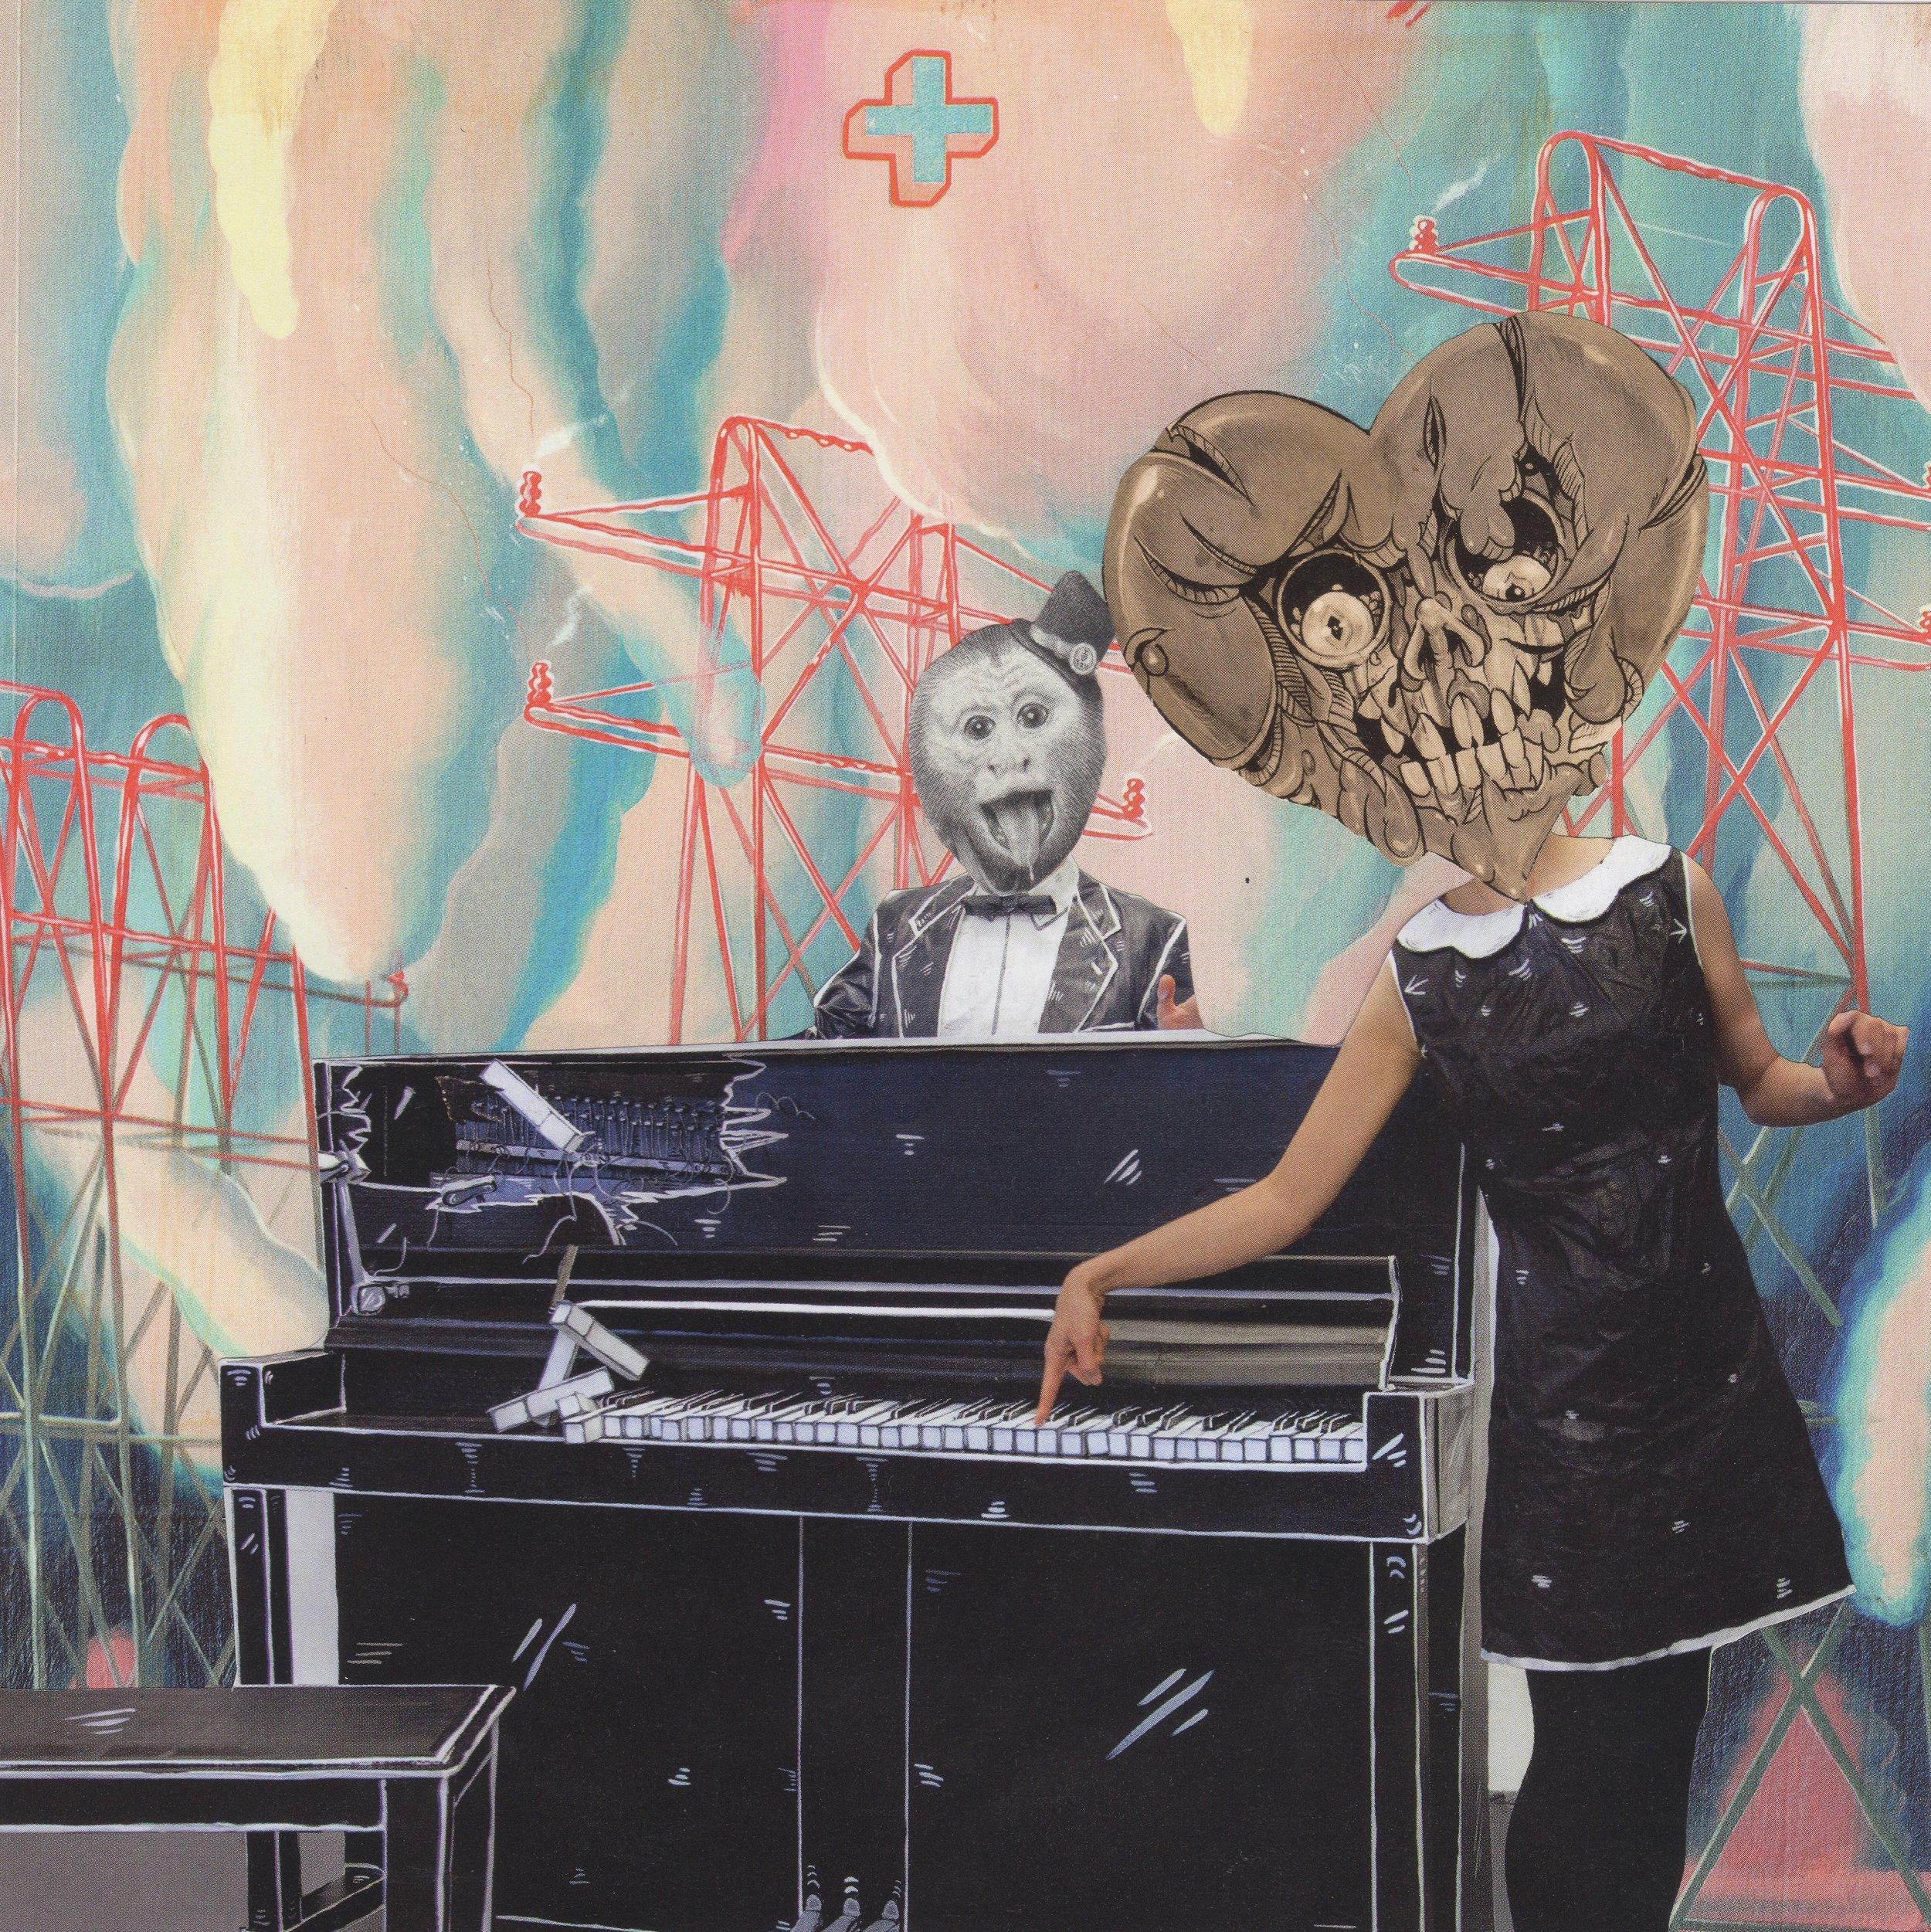 Artwork by Skylar Singer.